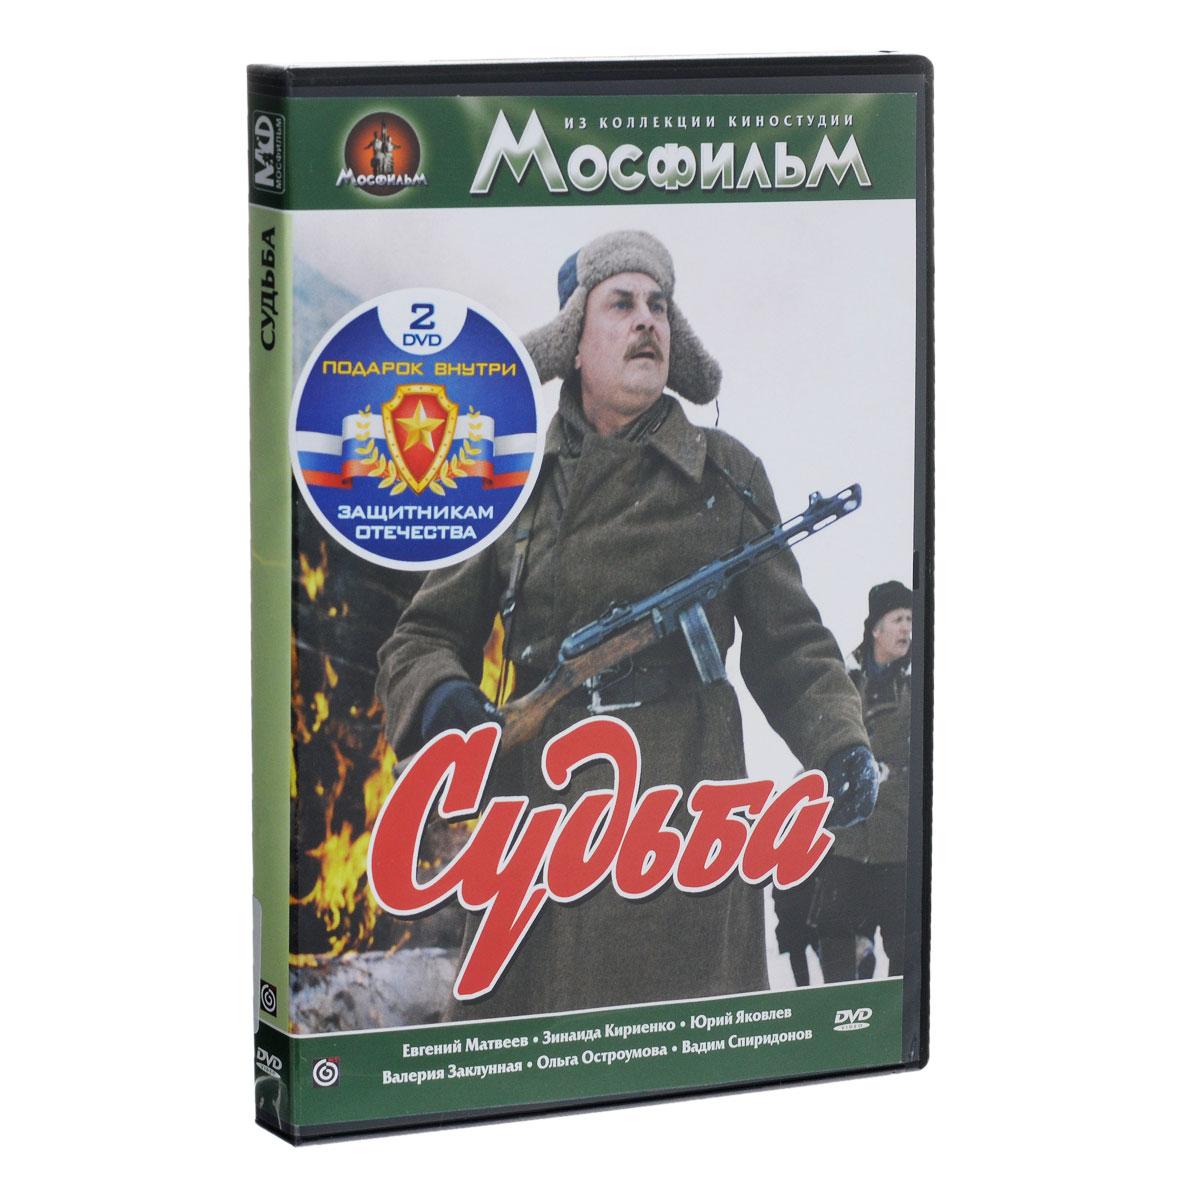 2в1 Защитникам отечества: Судьба. 01-02 серии / Военно-полевой роман (2 DVD)